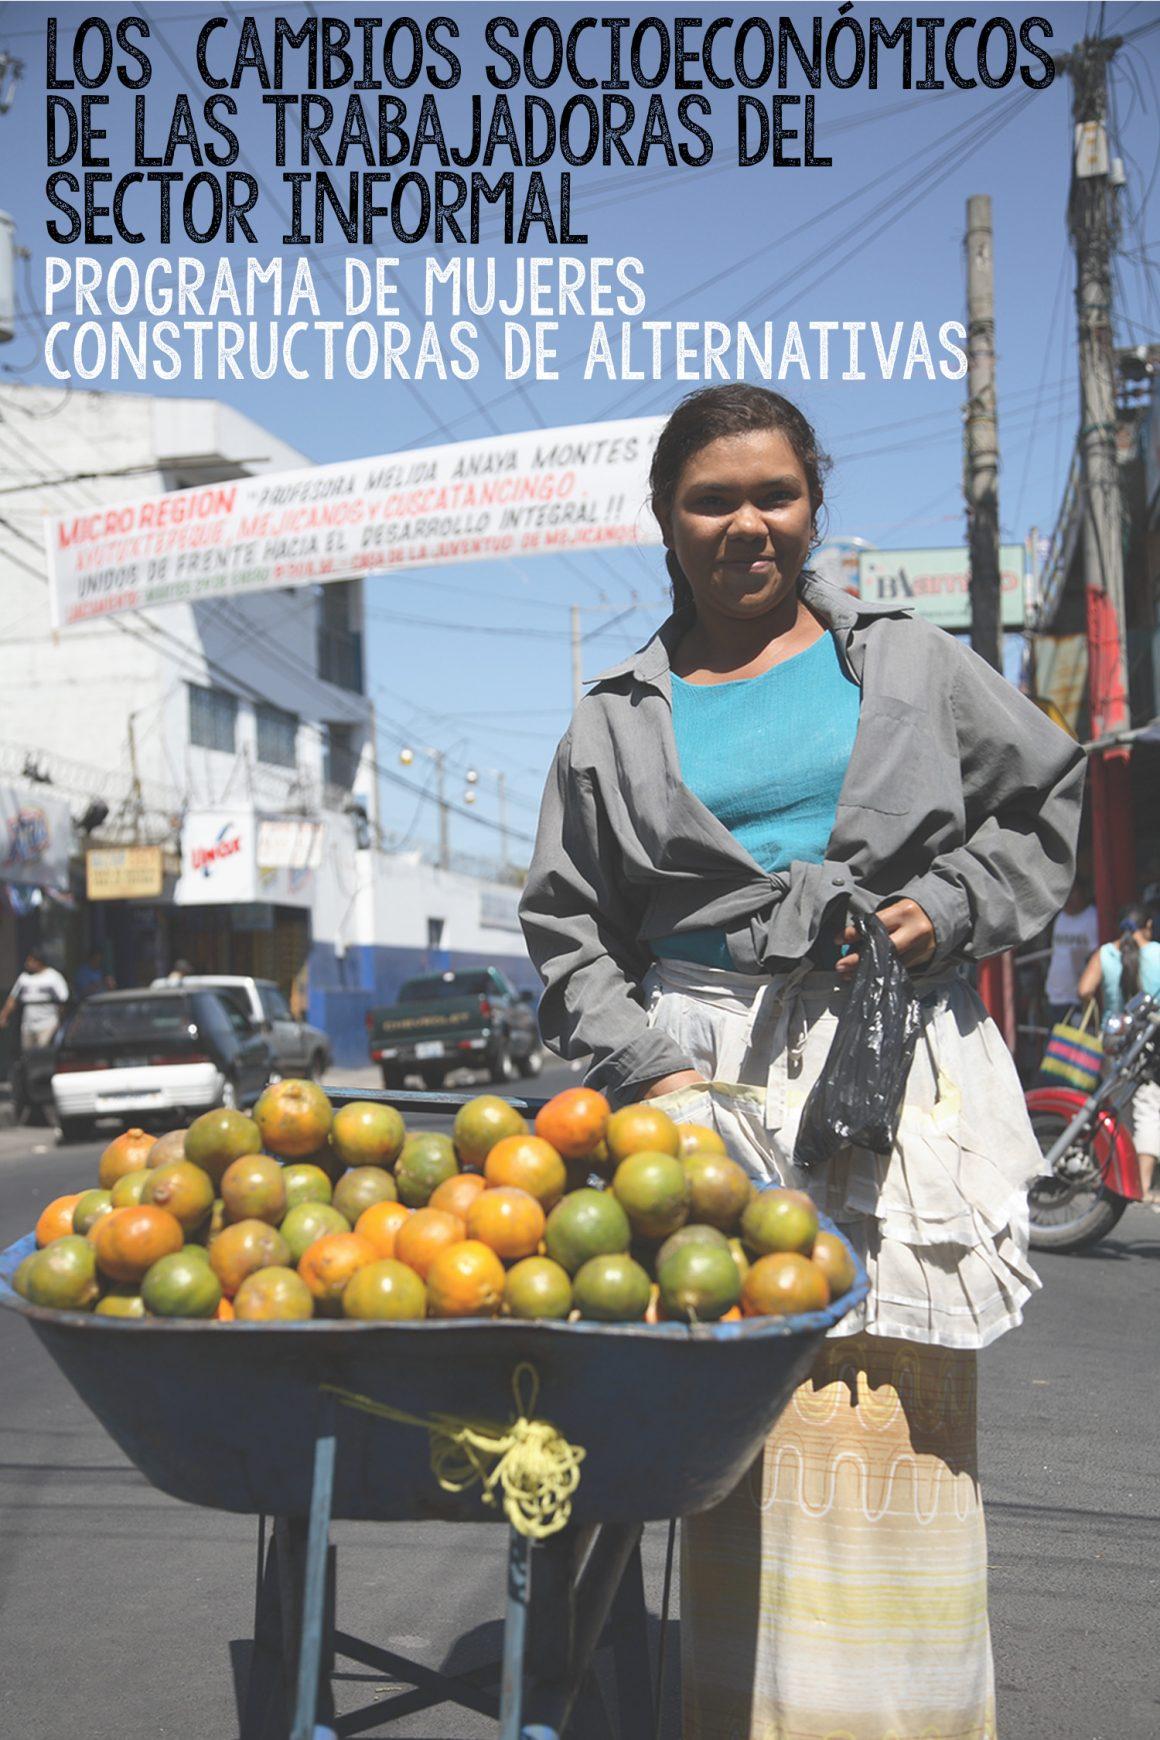 Cambios Socioeconómicos de las Trabajadoras del Sector Informal (2010)